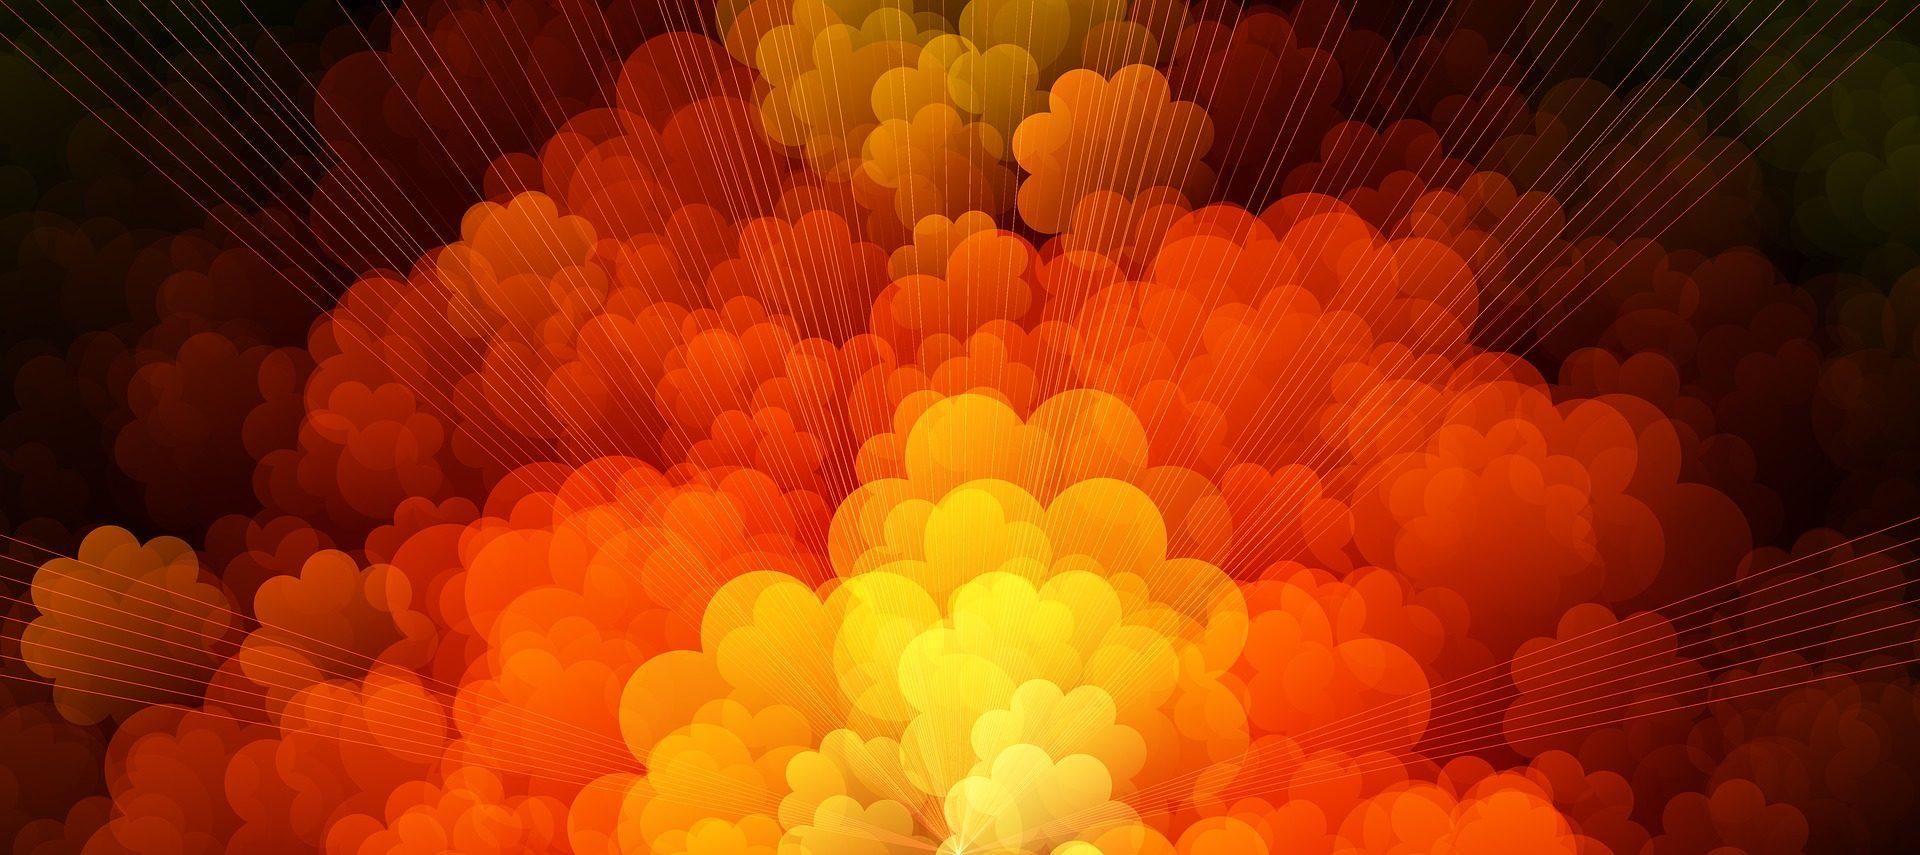 Forme, colori, nuvole, fumo, Cerchi, Stripes, Orange - Sfondi HD - Professor-falken.com